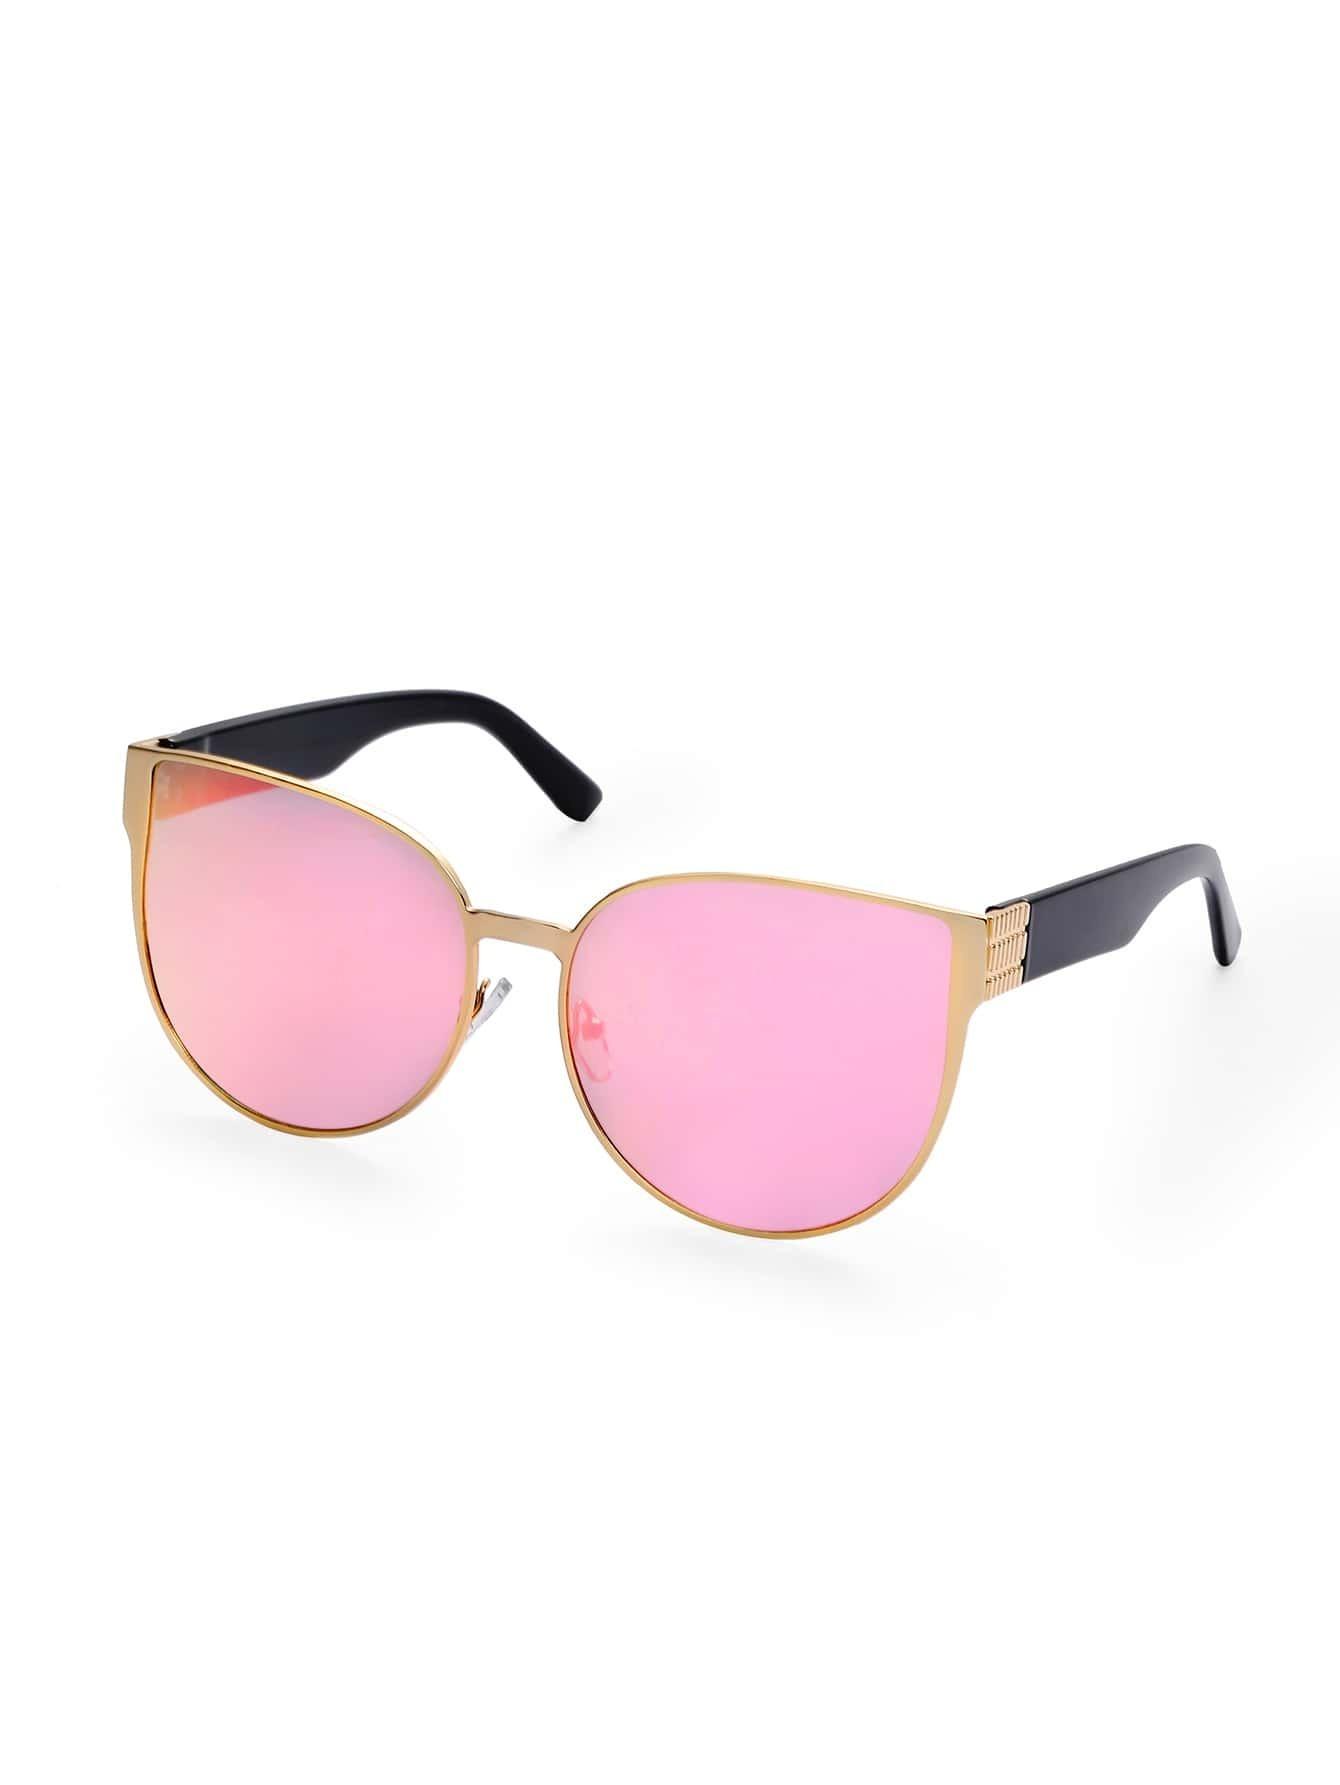 Gold Metal Frame Pink Vintage Cat Eye Sunglasses